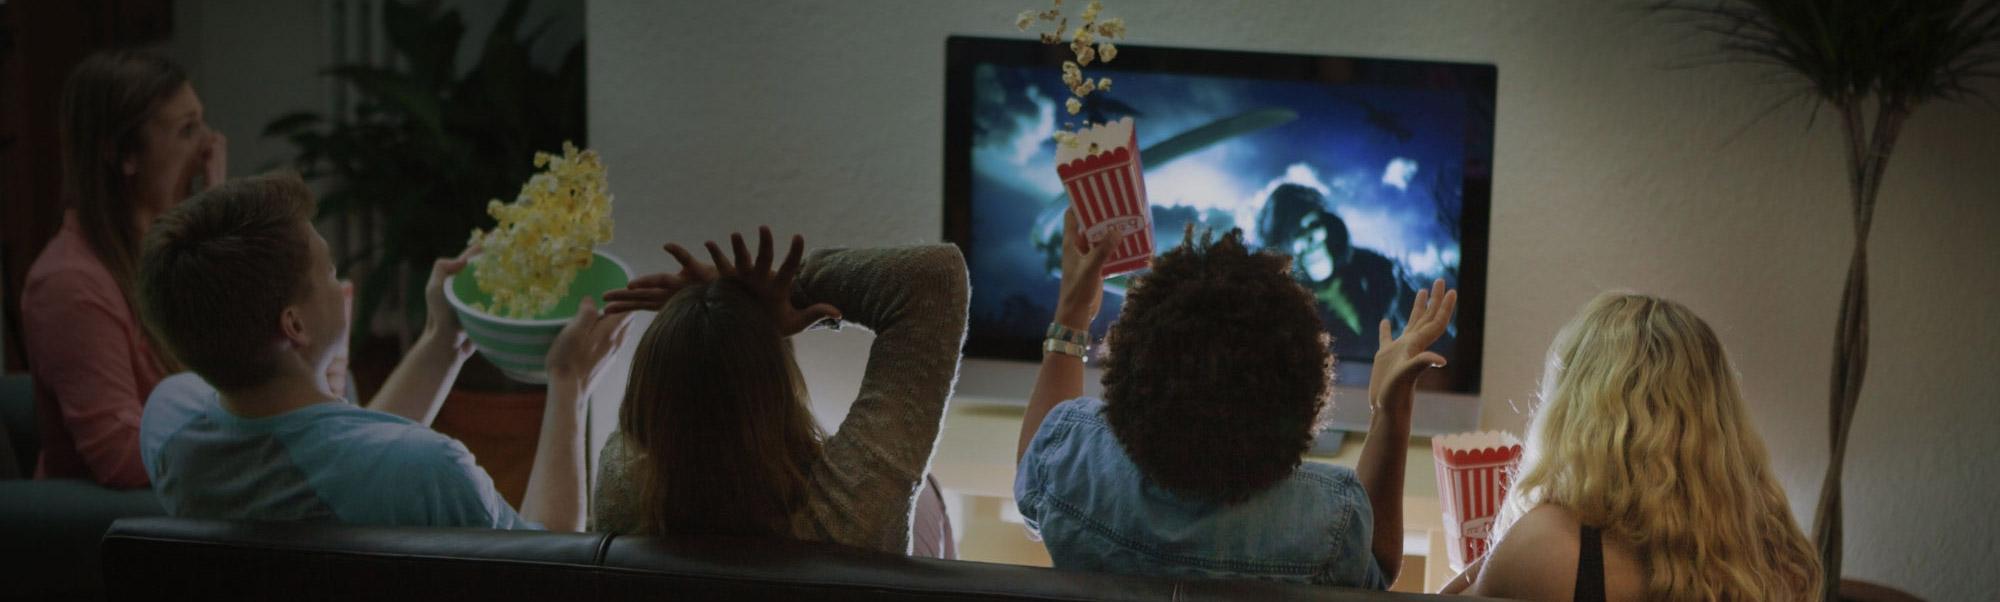 Los últimos estrenos y programas de TV para verlos en cualquier parte